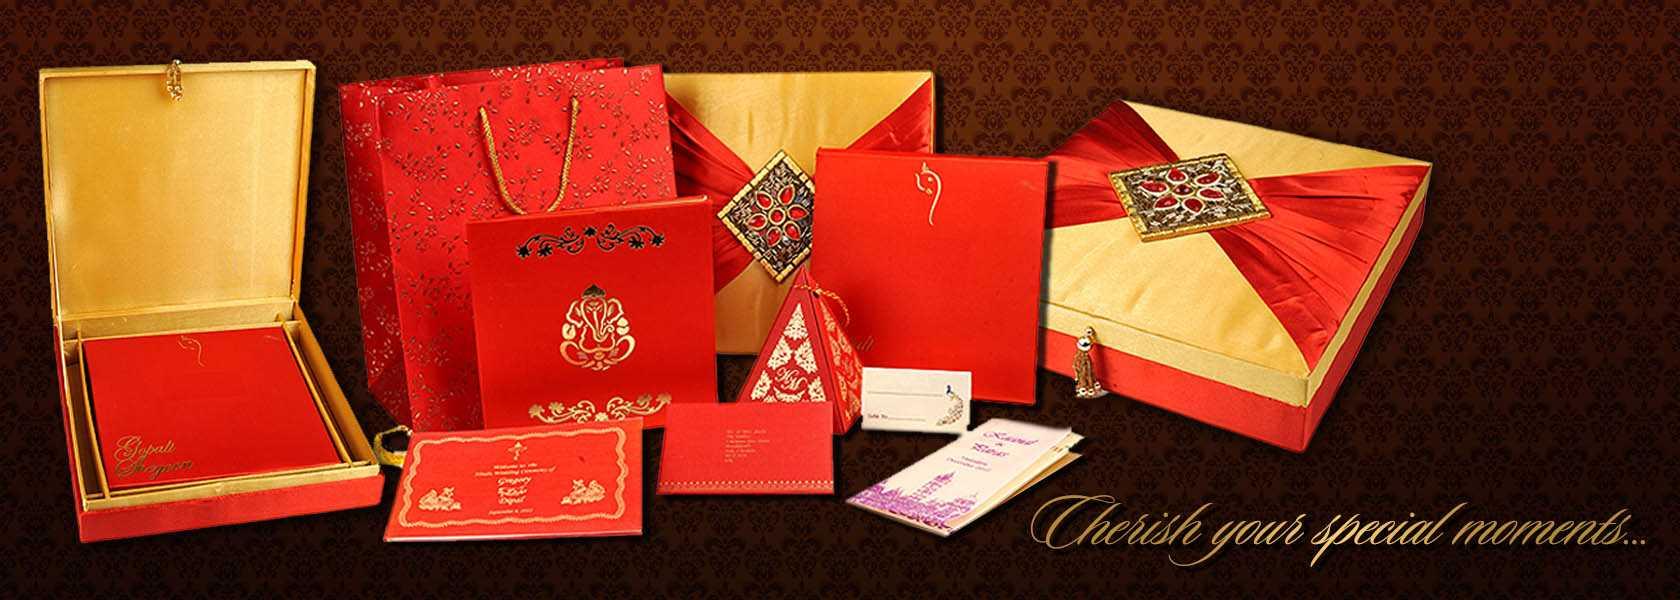 Sudarshan Cards